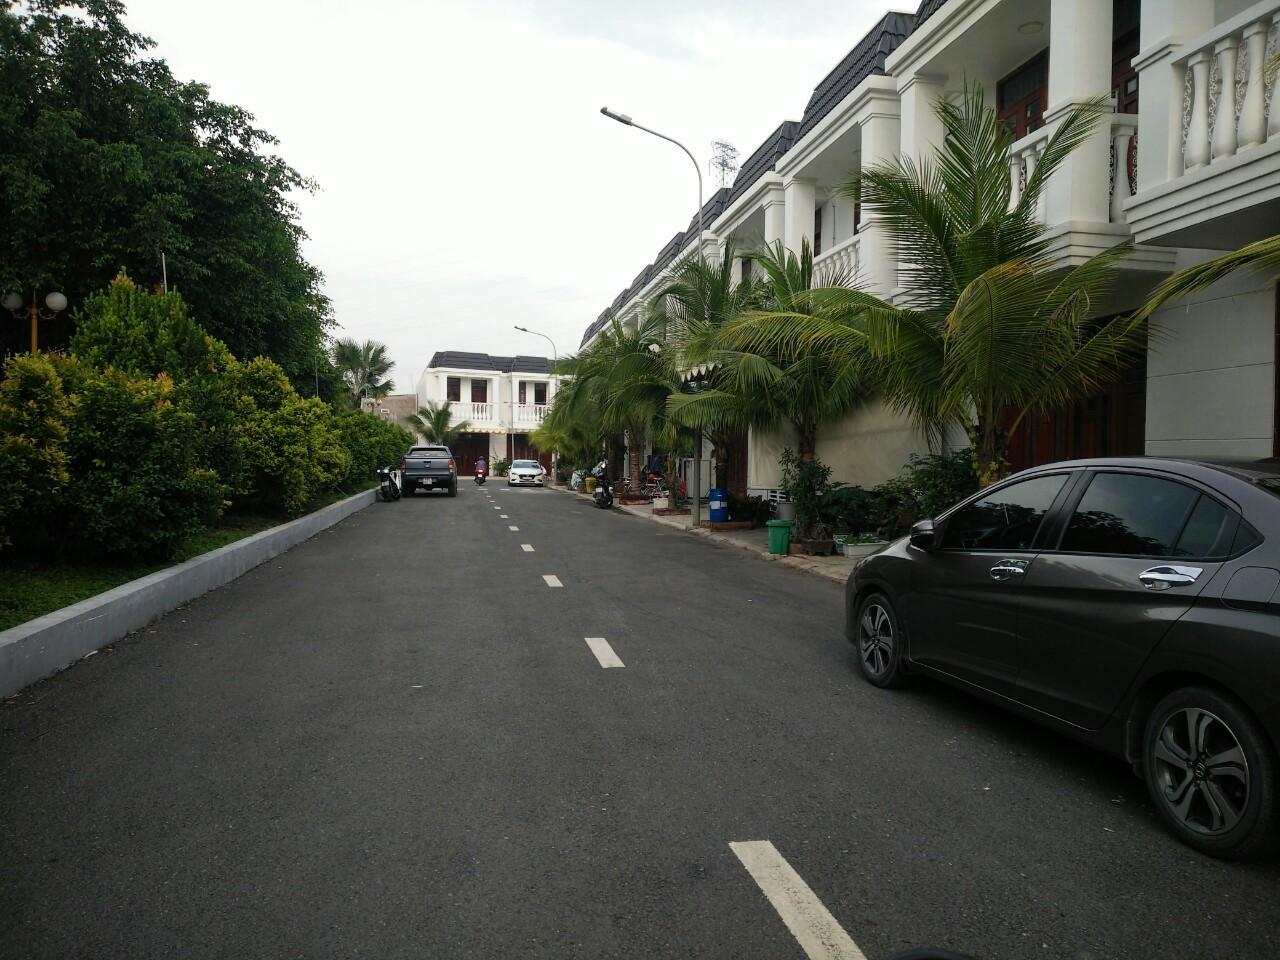 Nhà phố làng đại học